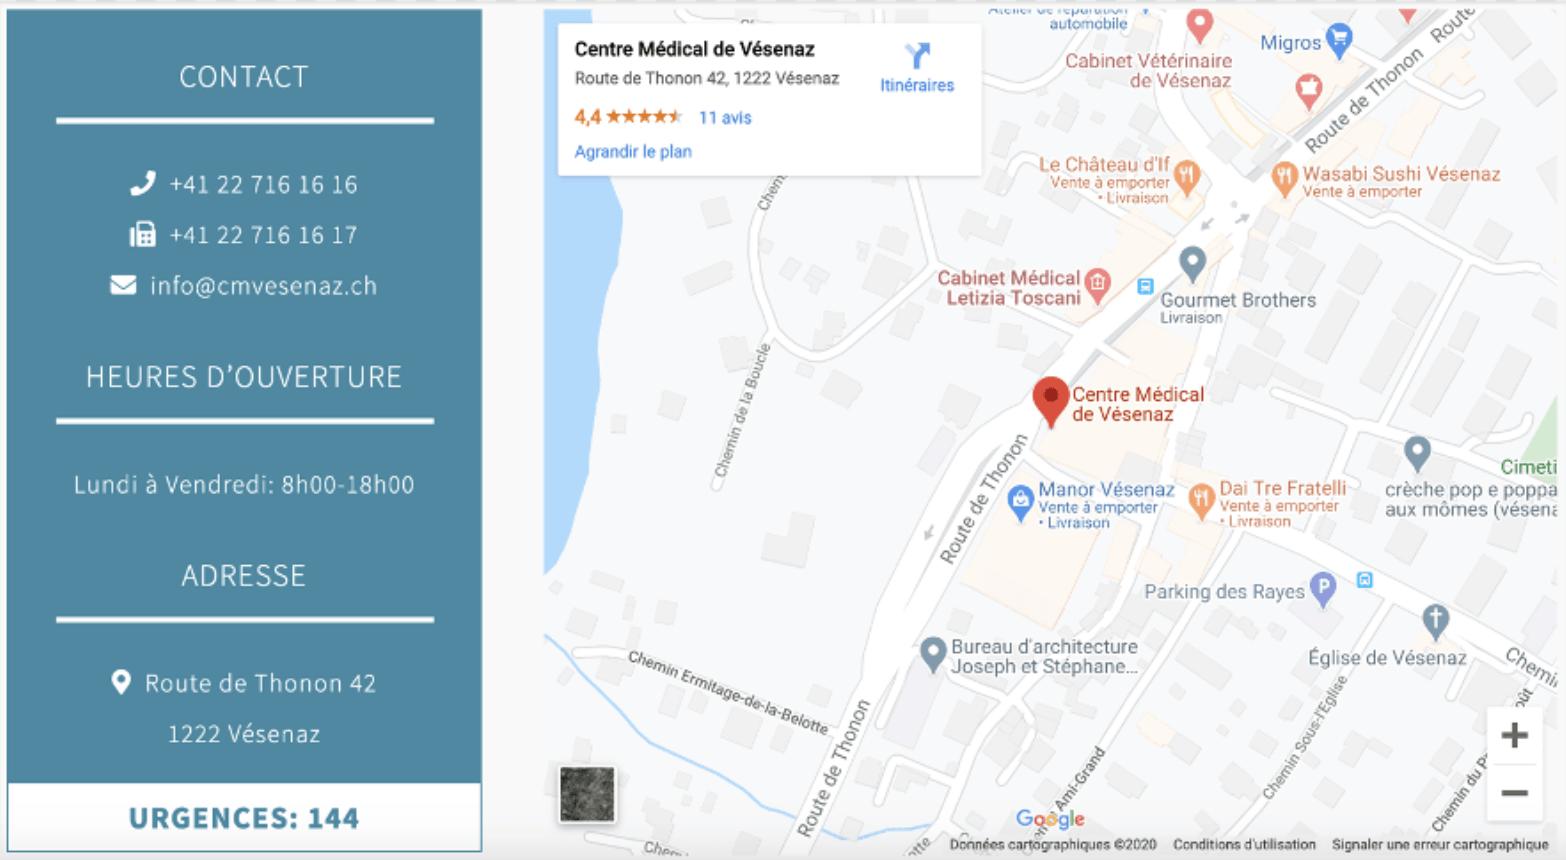 Contact centre médical de Vésenaz